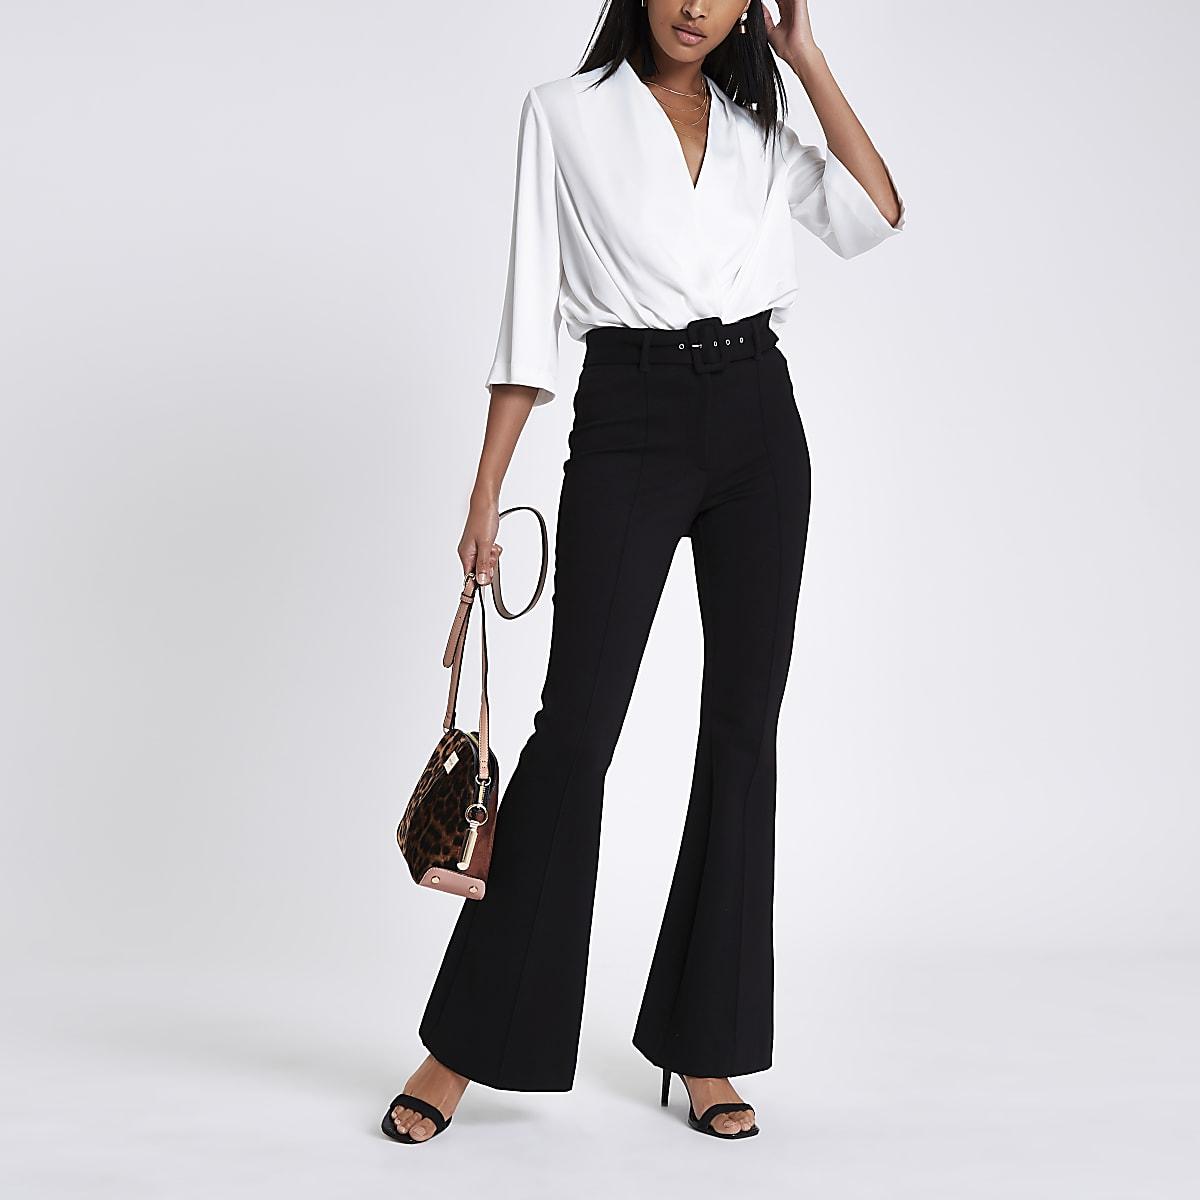 Schwarze, ausgestellte Hose mit Gürtel